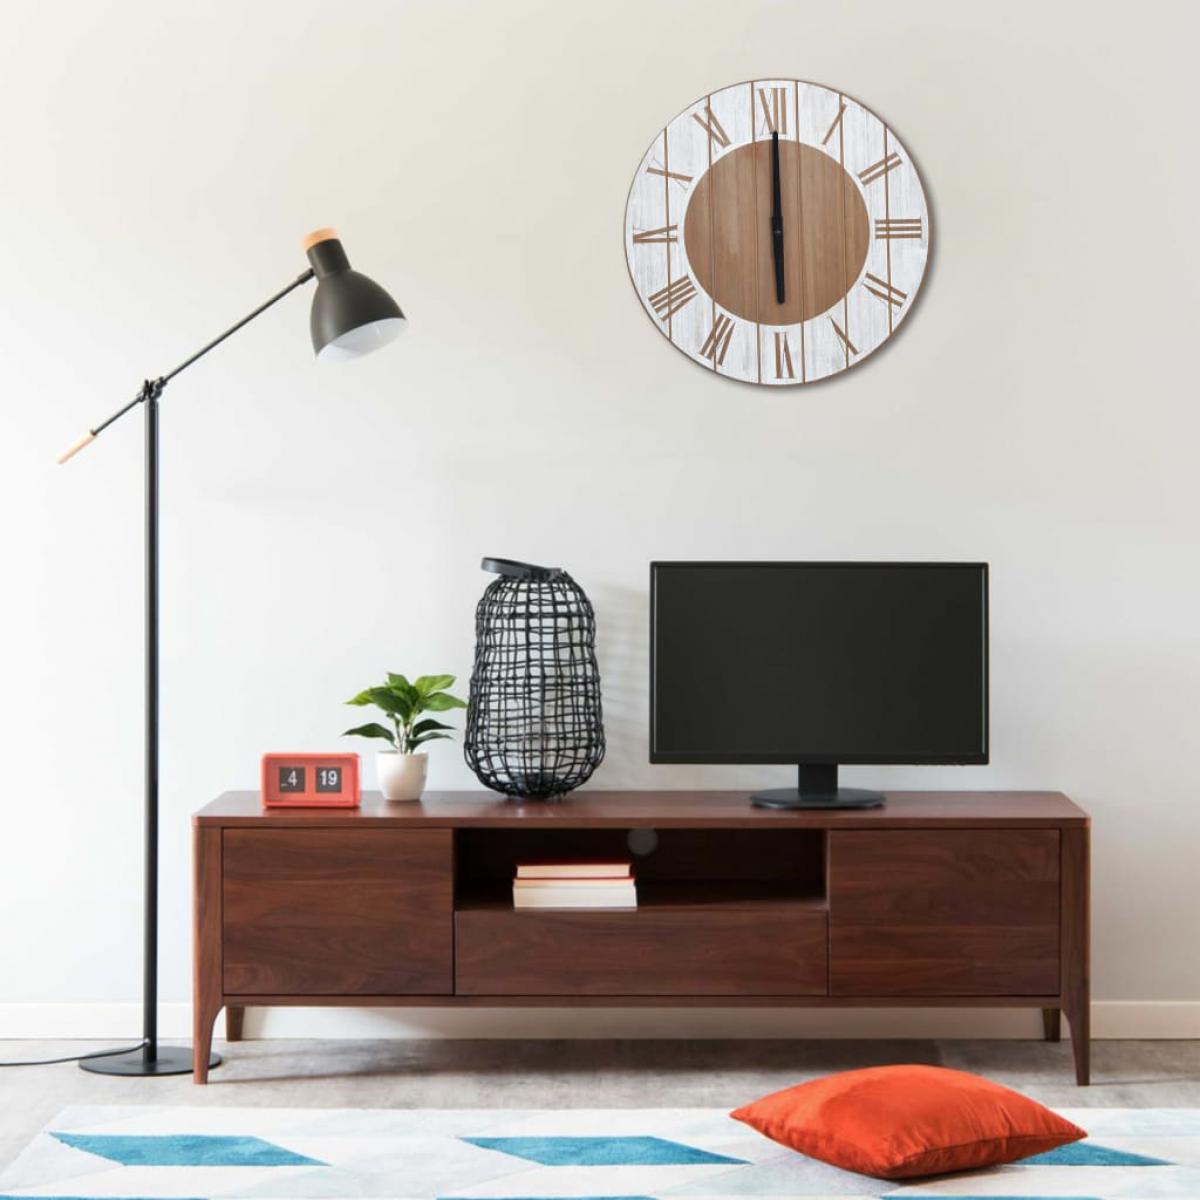 Vidaxl vidaXL Horloge murale Marron et blanc 39,5 cm MDF